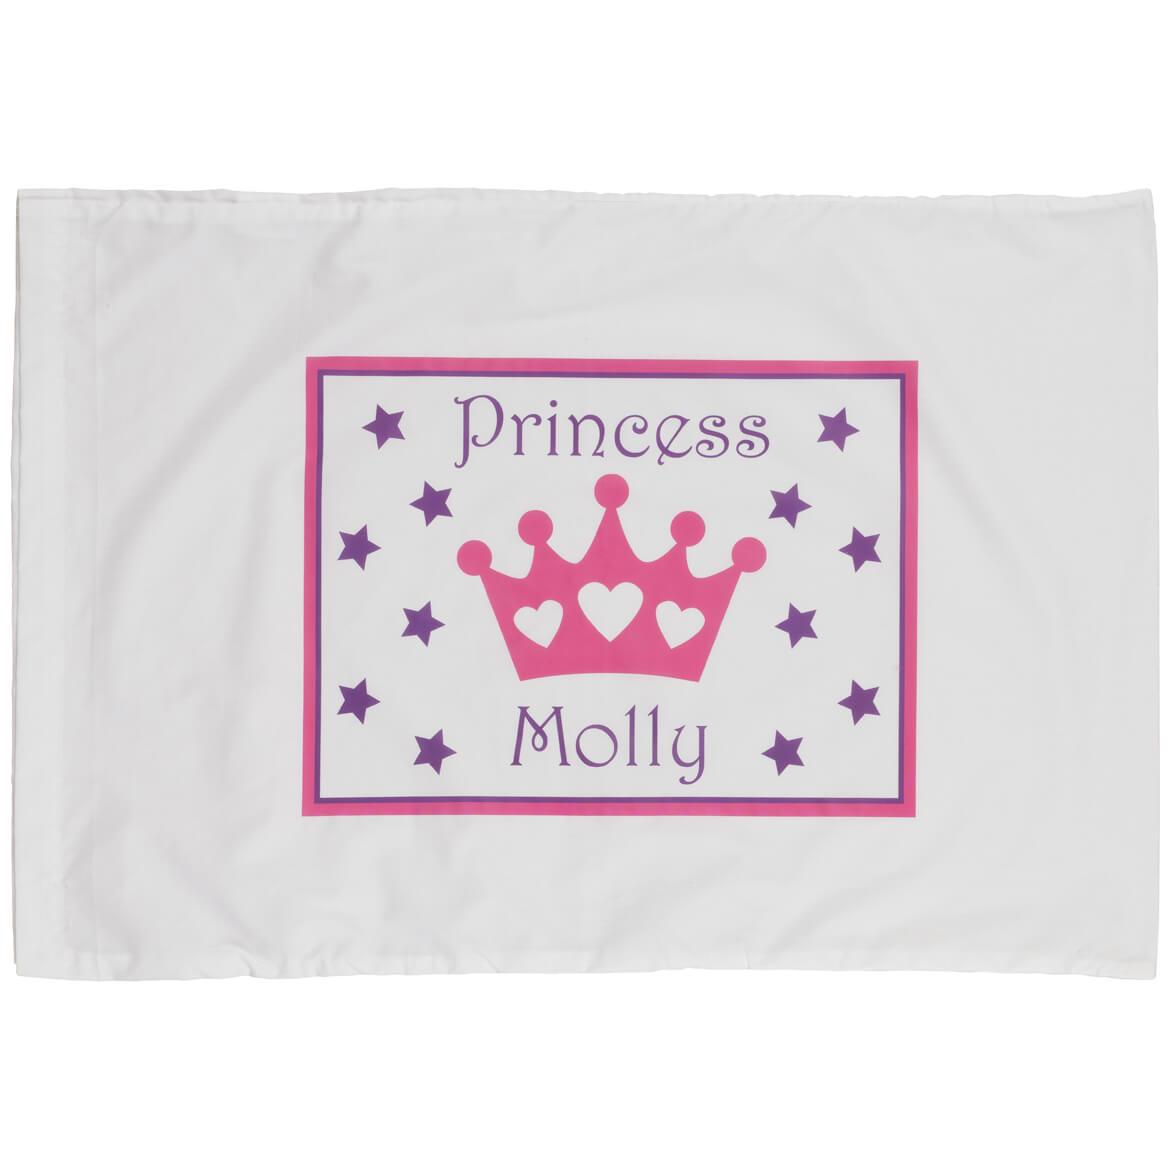 Personalized Princess Crown Pillowcase